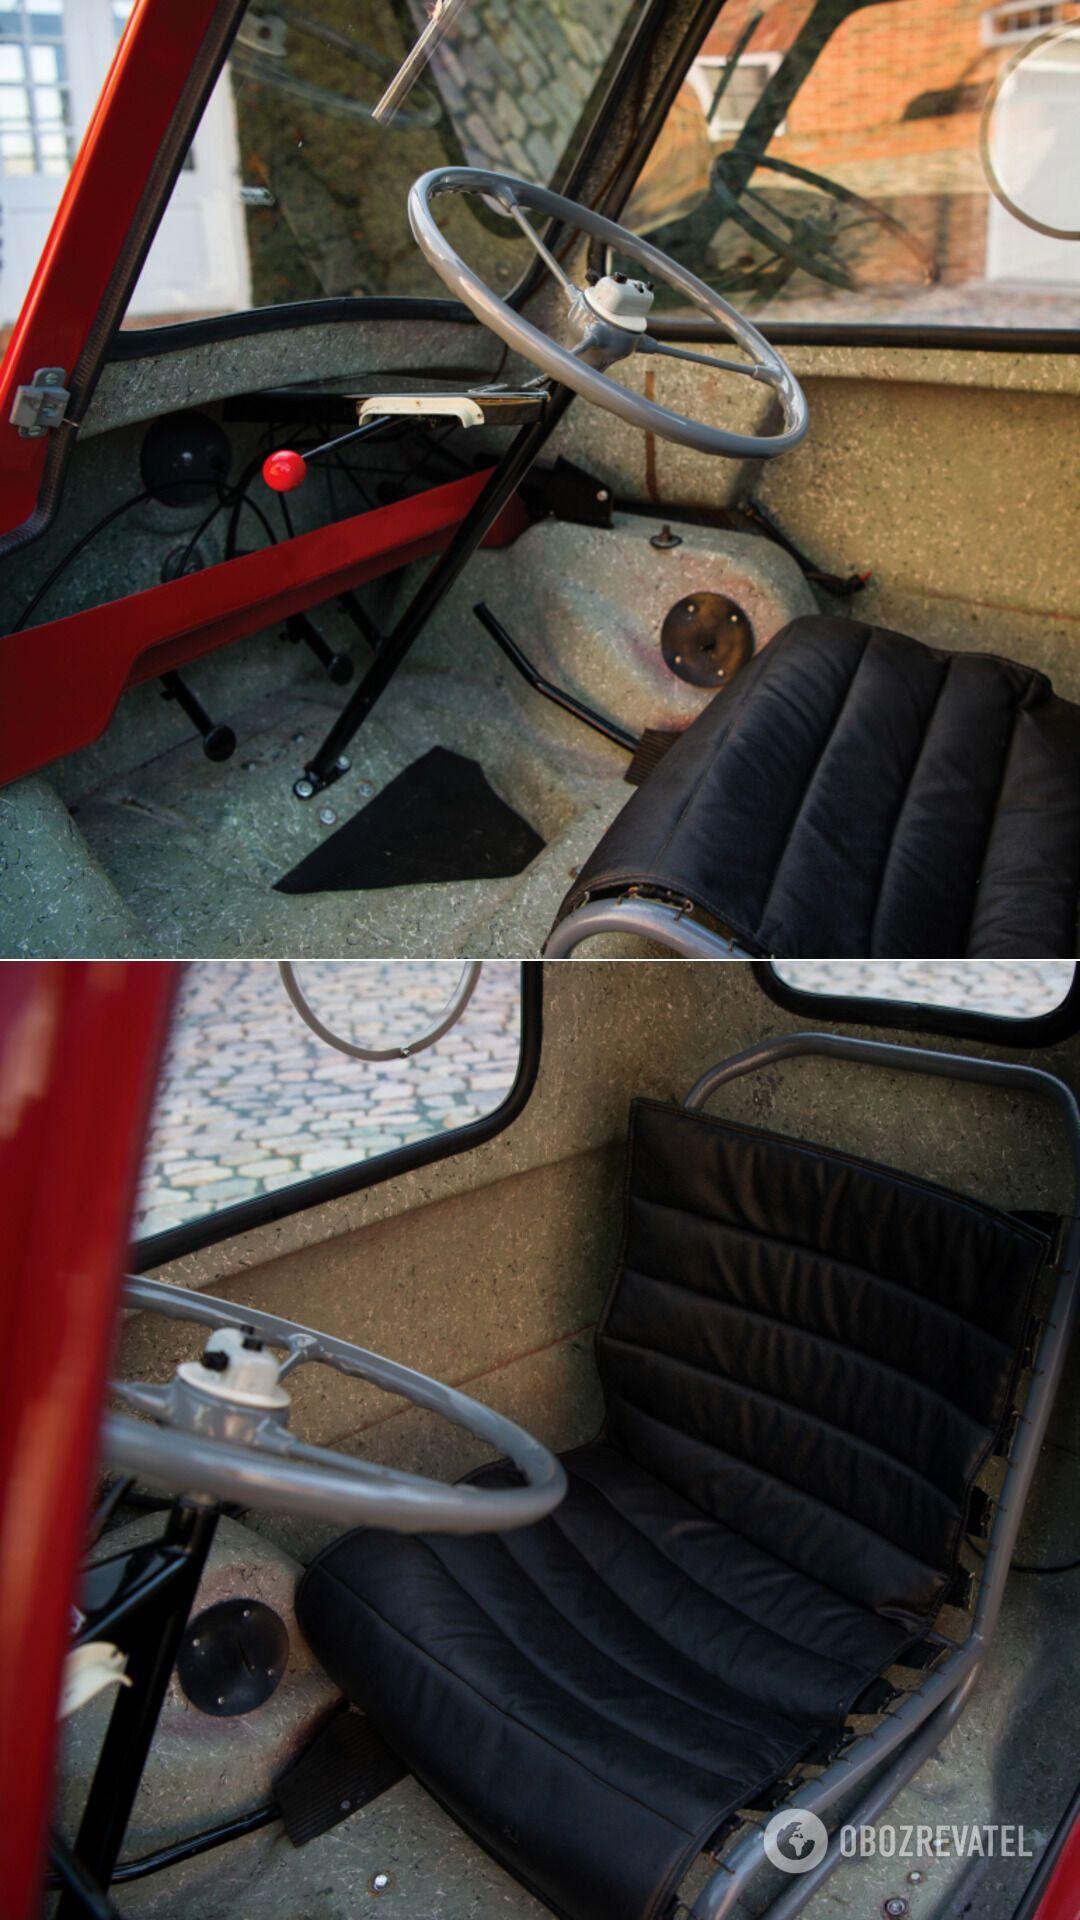 У Peel P50 – 49-кубовий двотактний двигун від мопеда з потужністю 4,2 к. с.